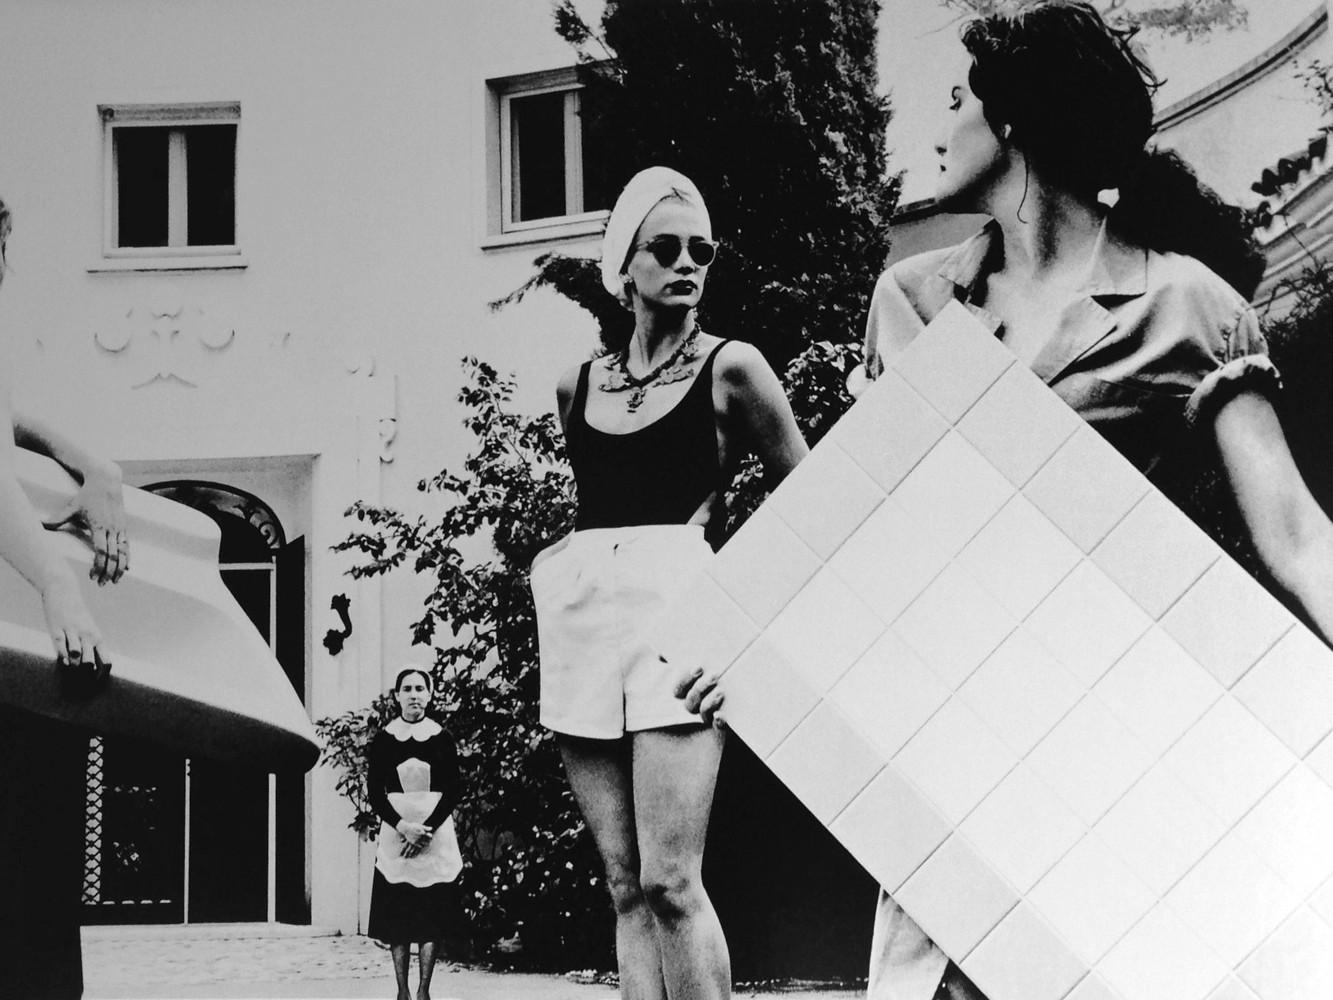 Villeroy & Boch - Anzeigenkampagne - Vor Dem Haus